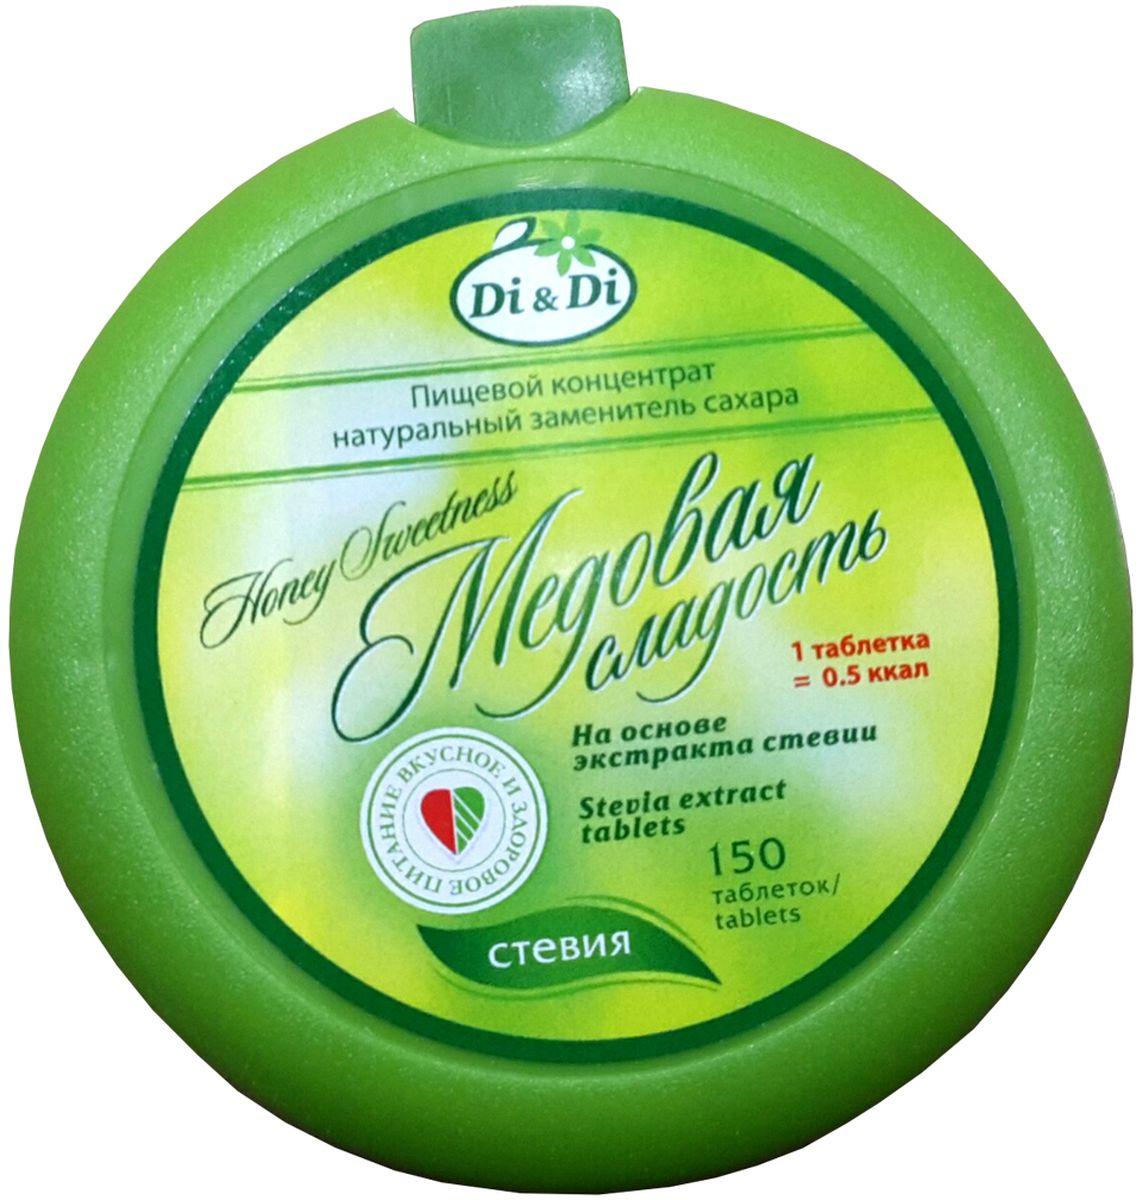 Di&Di Медовая Сладость натуральный заменитель сахара, 150 таблеток подсластитель заменитель сахара milford 100 таблеток 340г